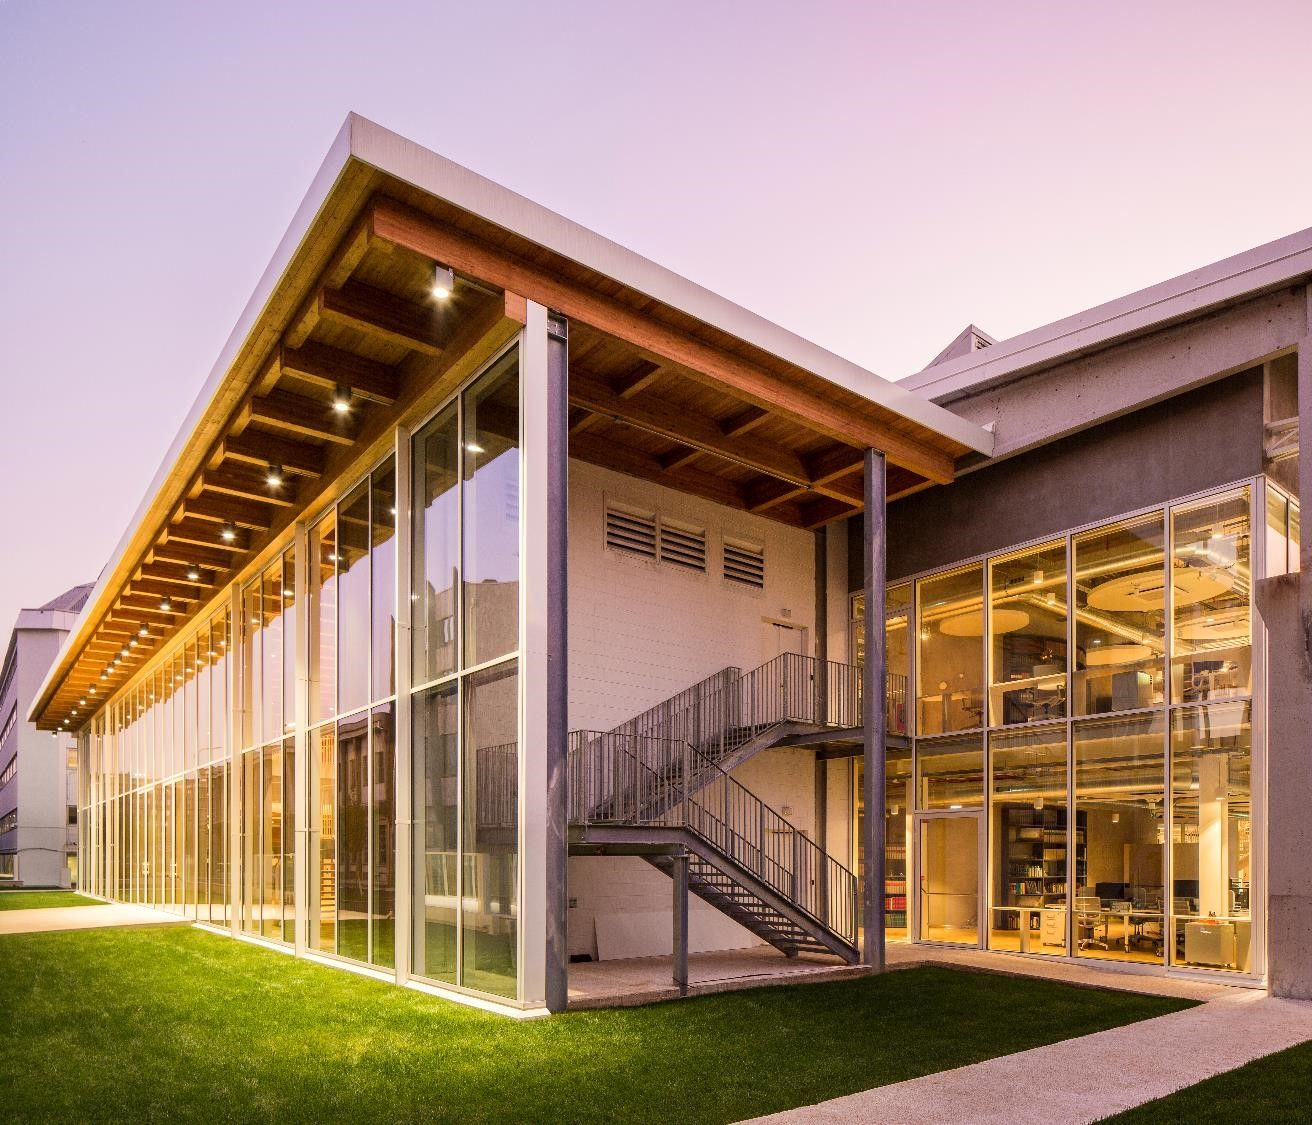 Nuovo edificio Z-life Zambon  - image 1